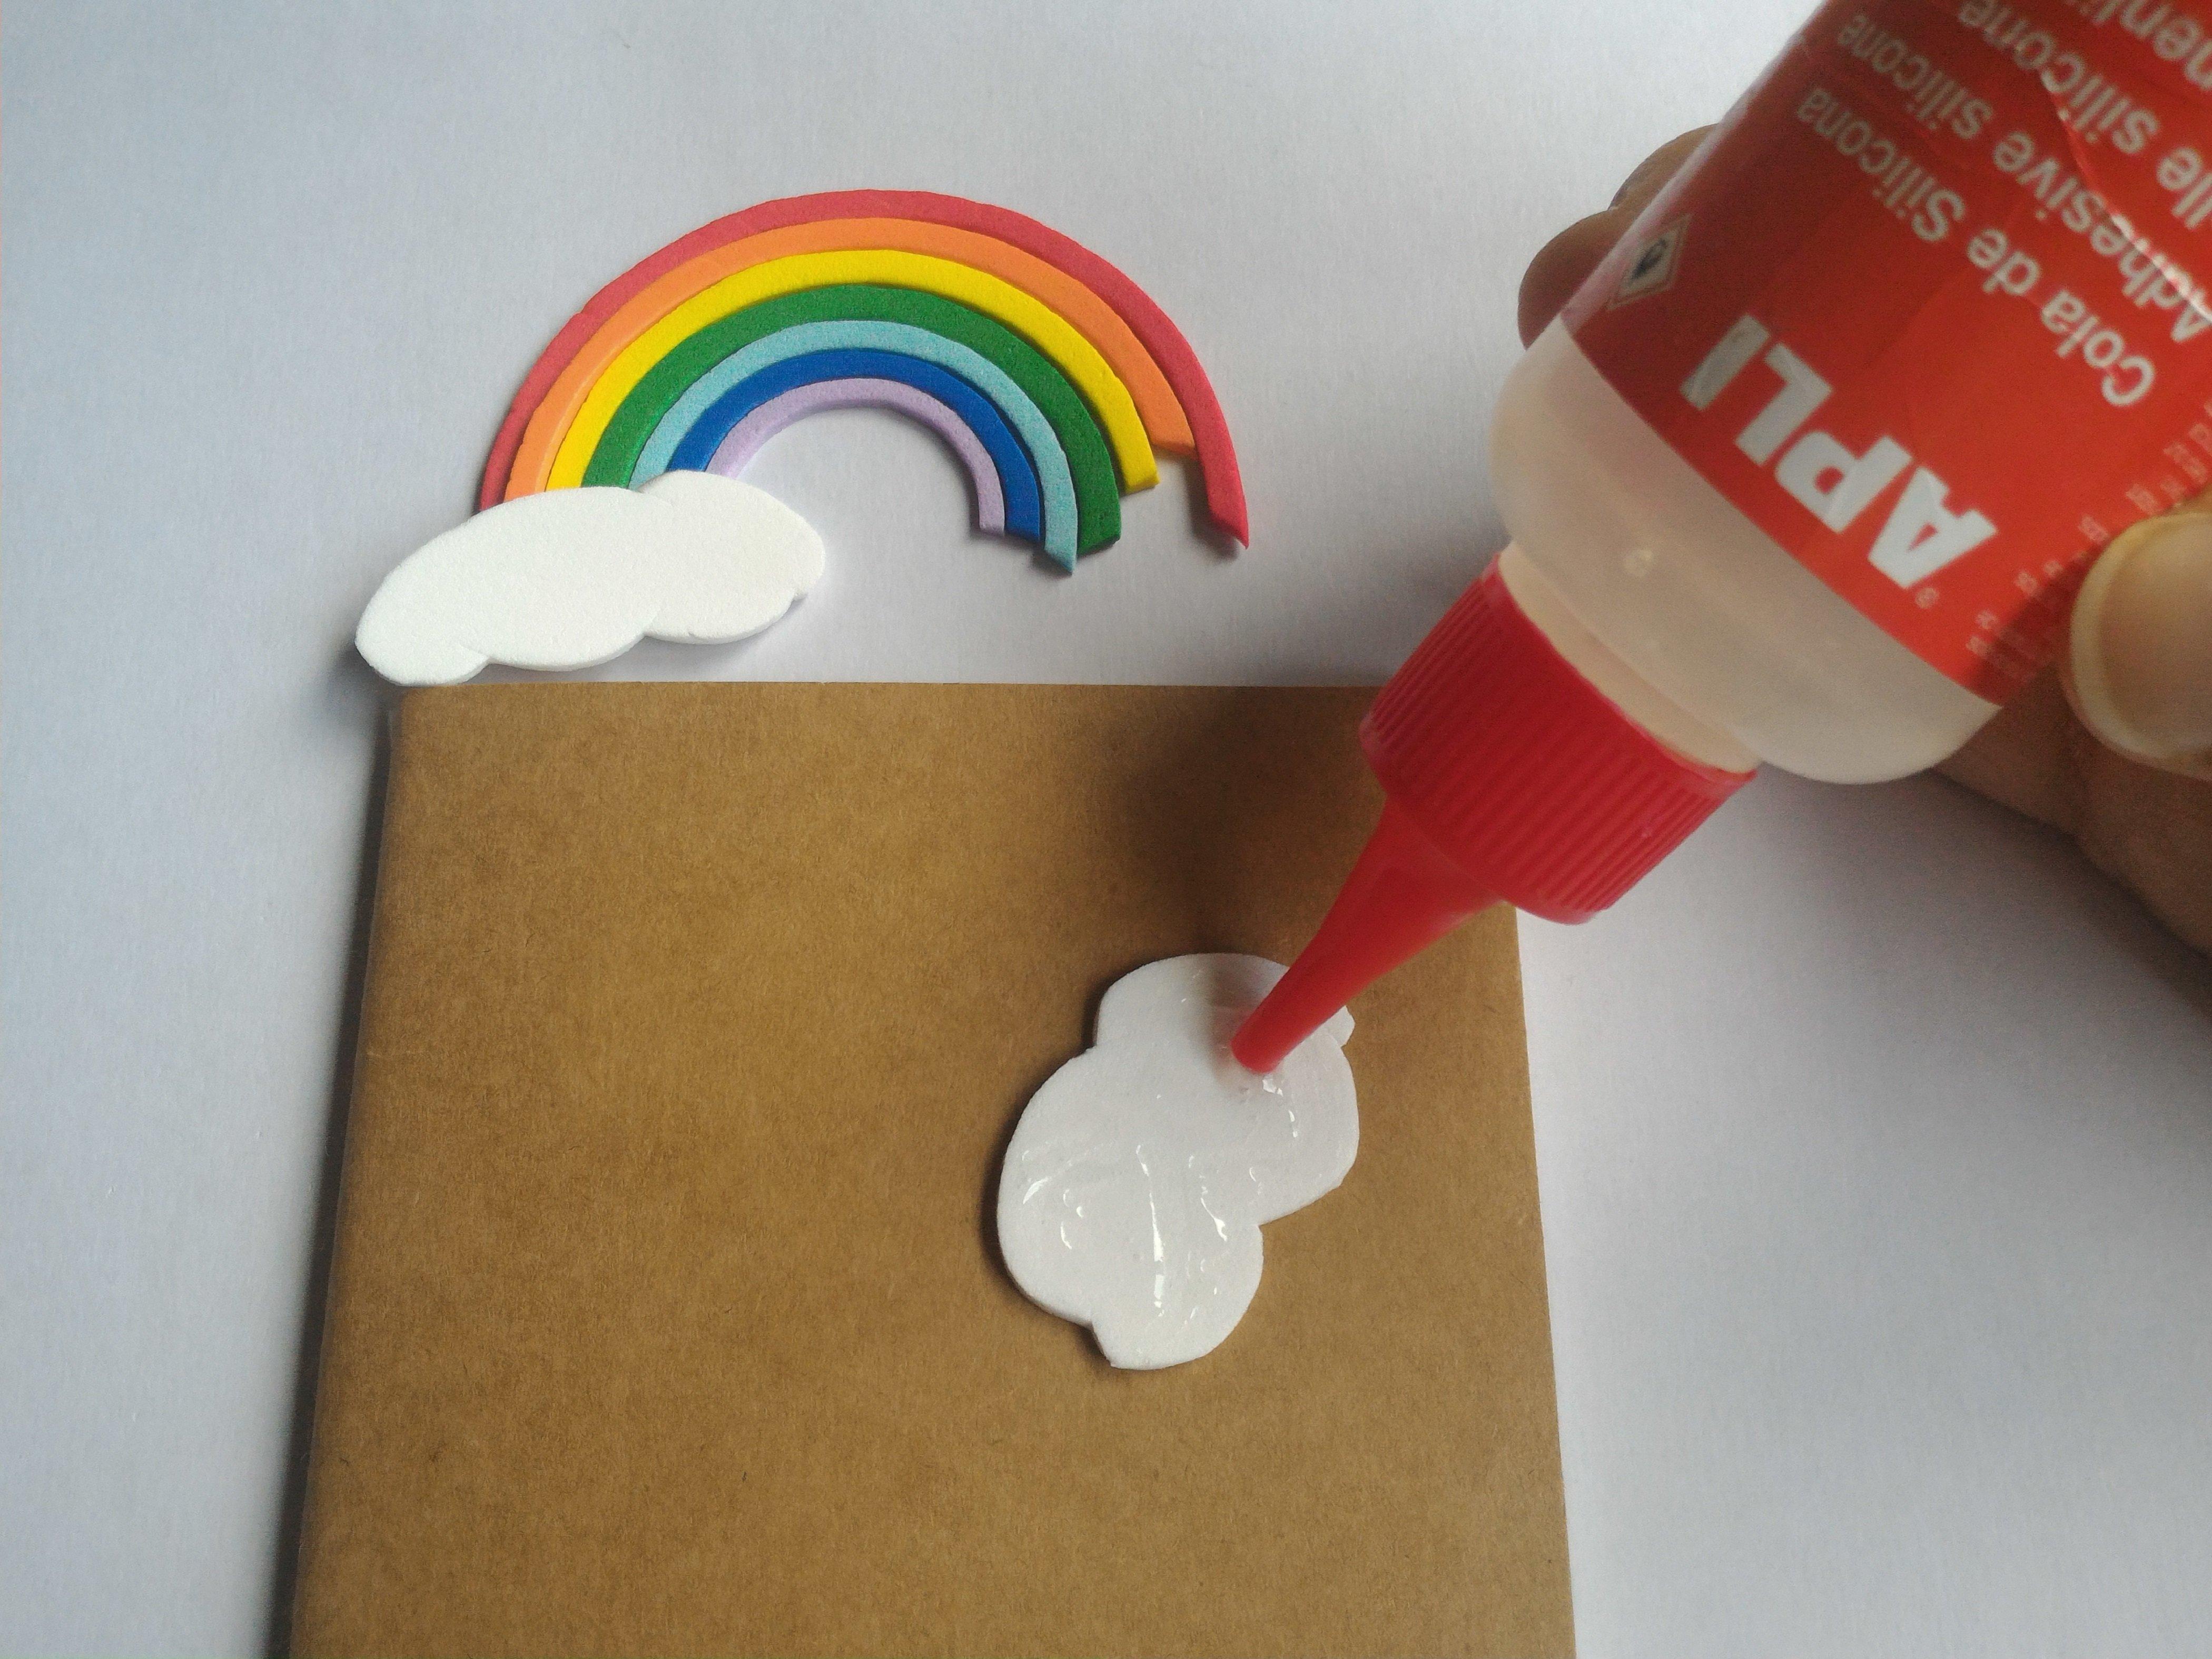 13 oam ouiareclafc rainbow chagaz et vous